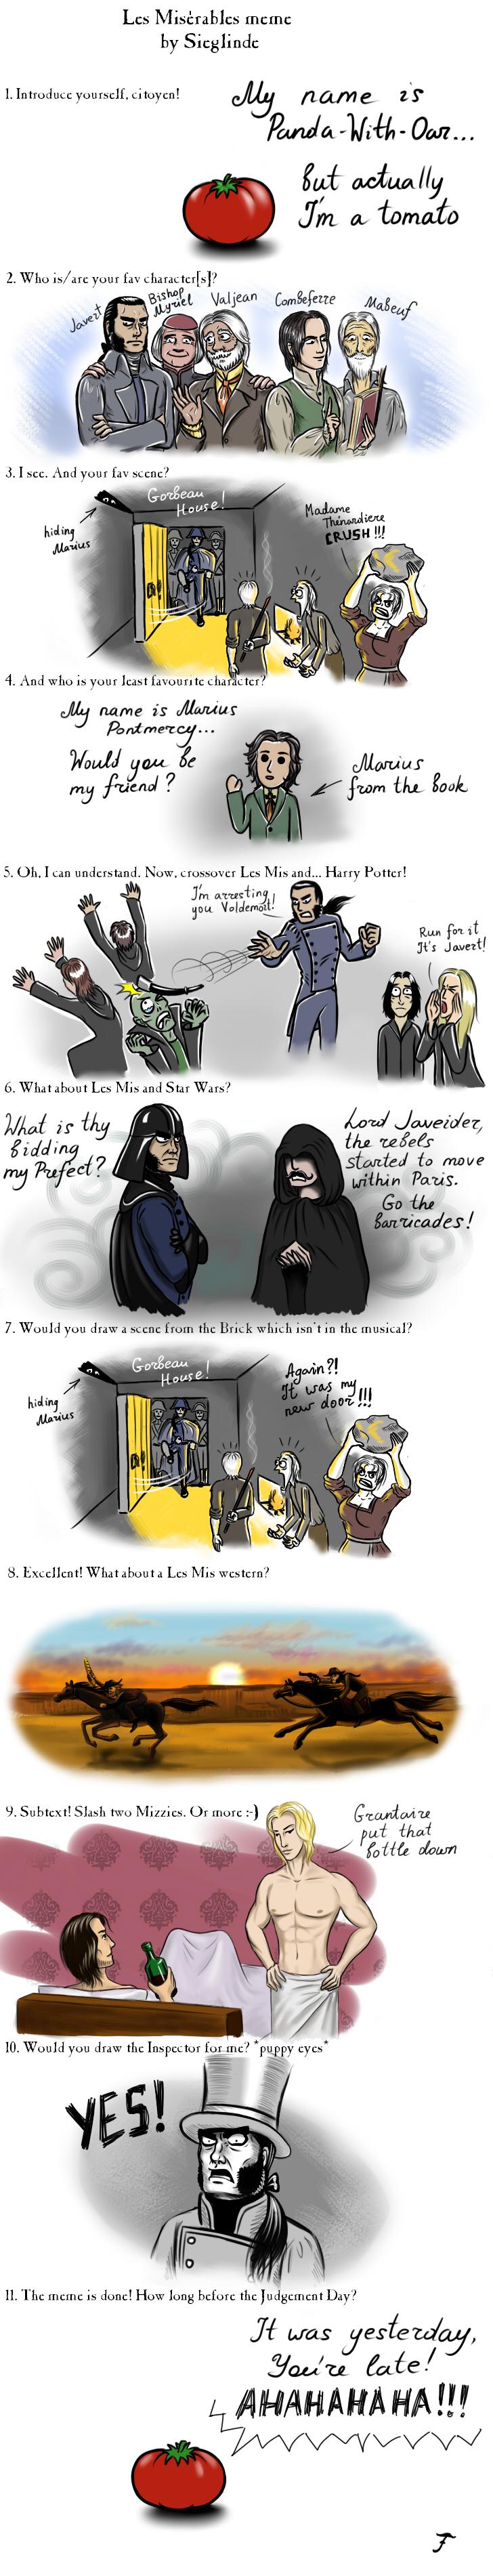 Les Miserables Meme By Panda With Oar On Deviantart